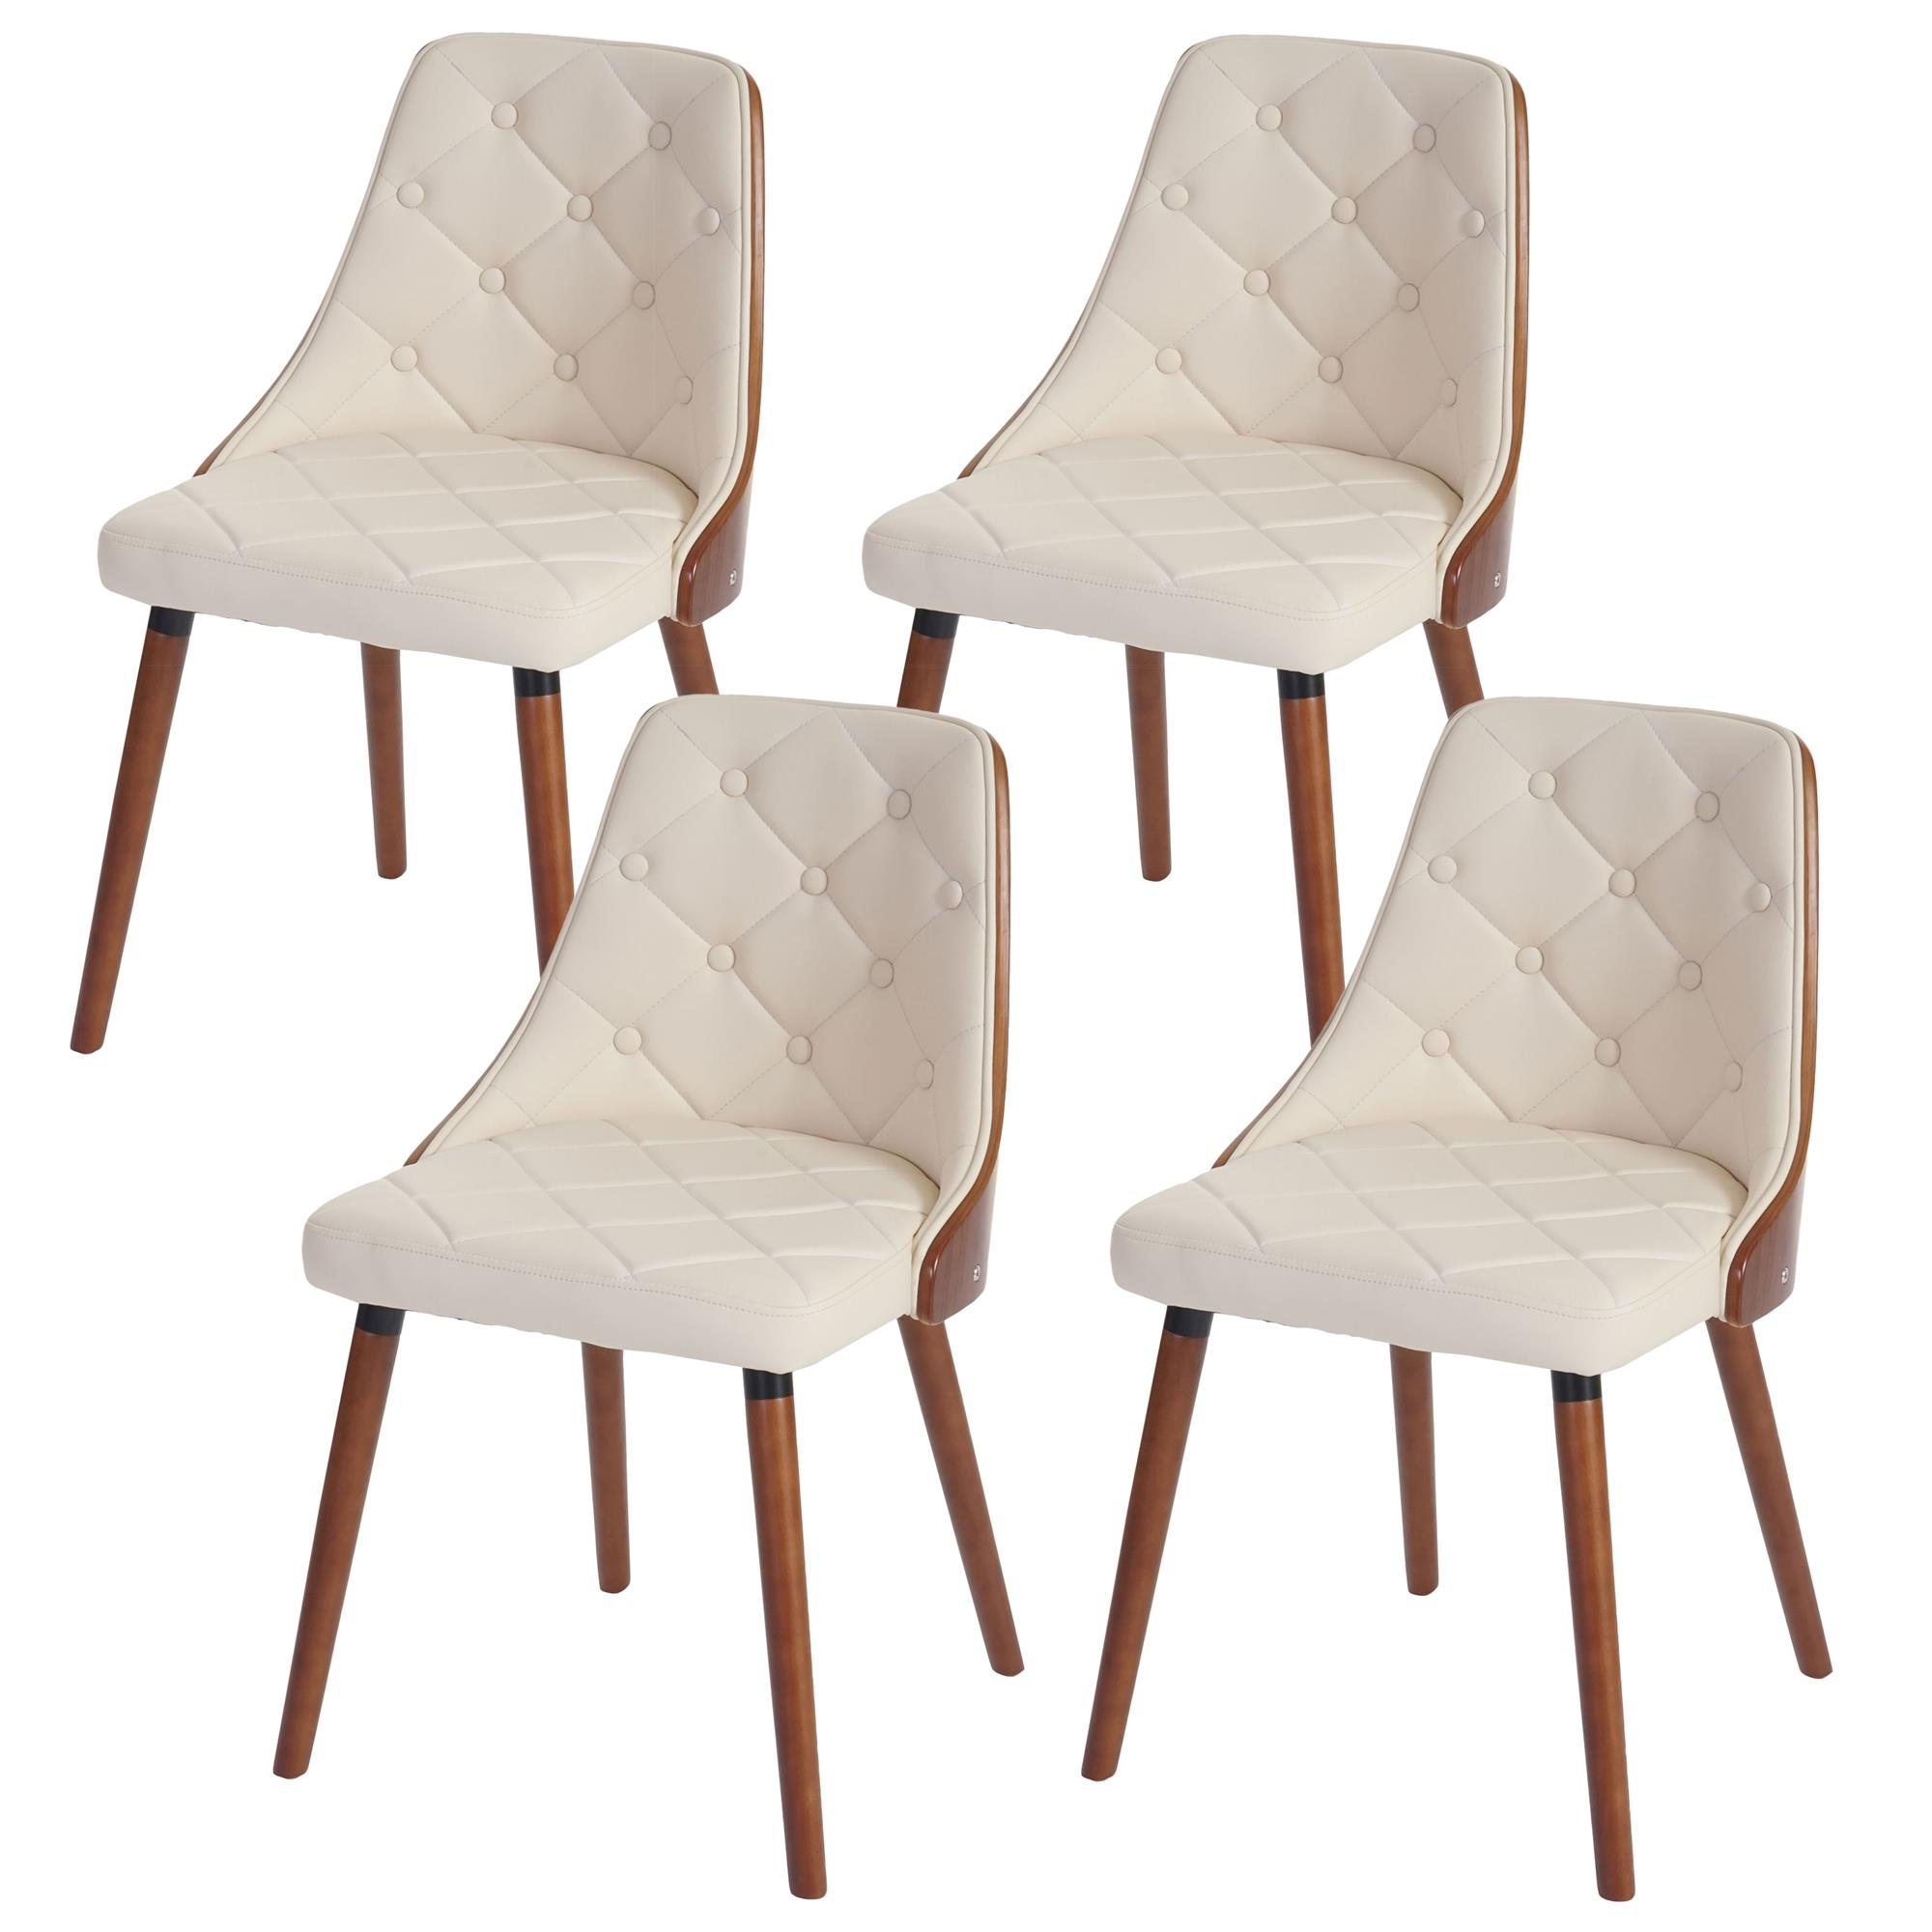 Lote 4 sillas de comedor baley en piel crema - Sillas comedor piel ...